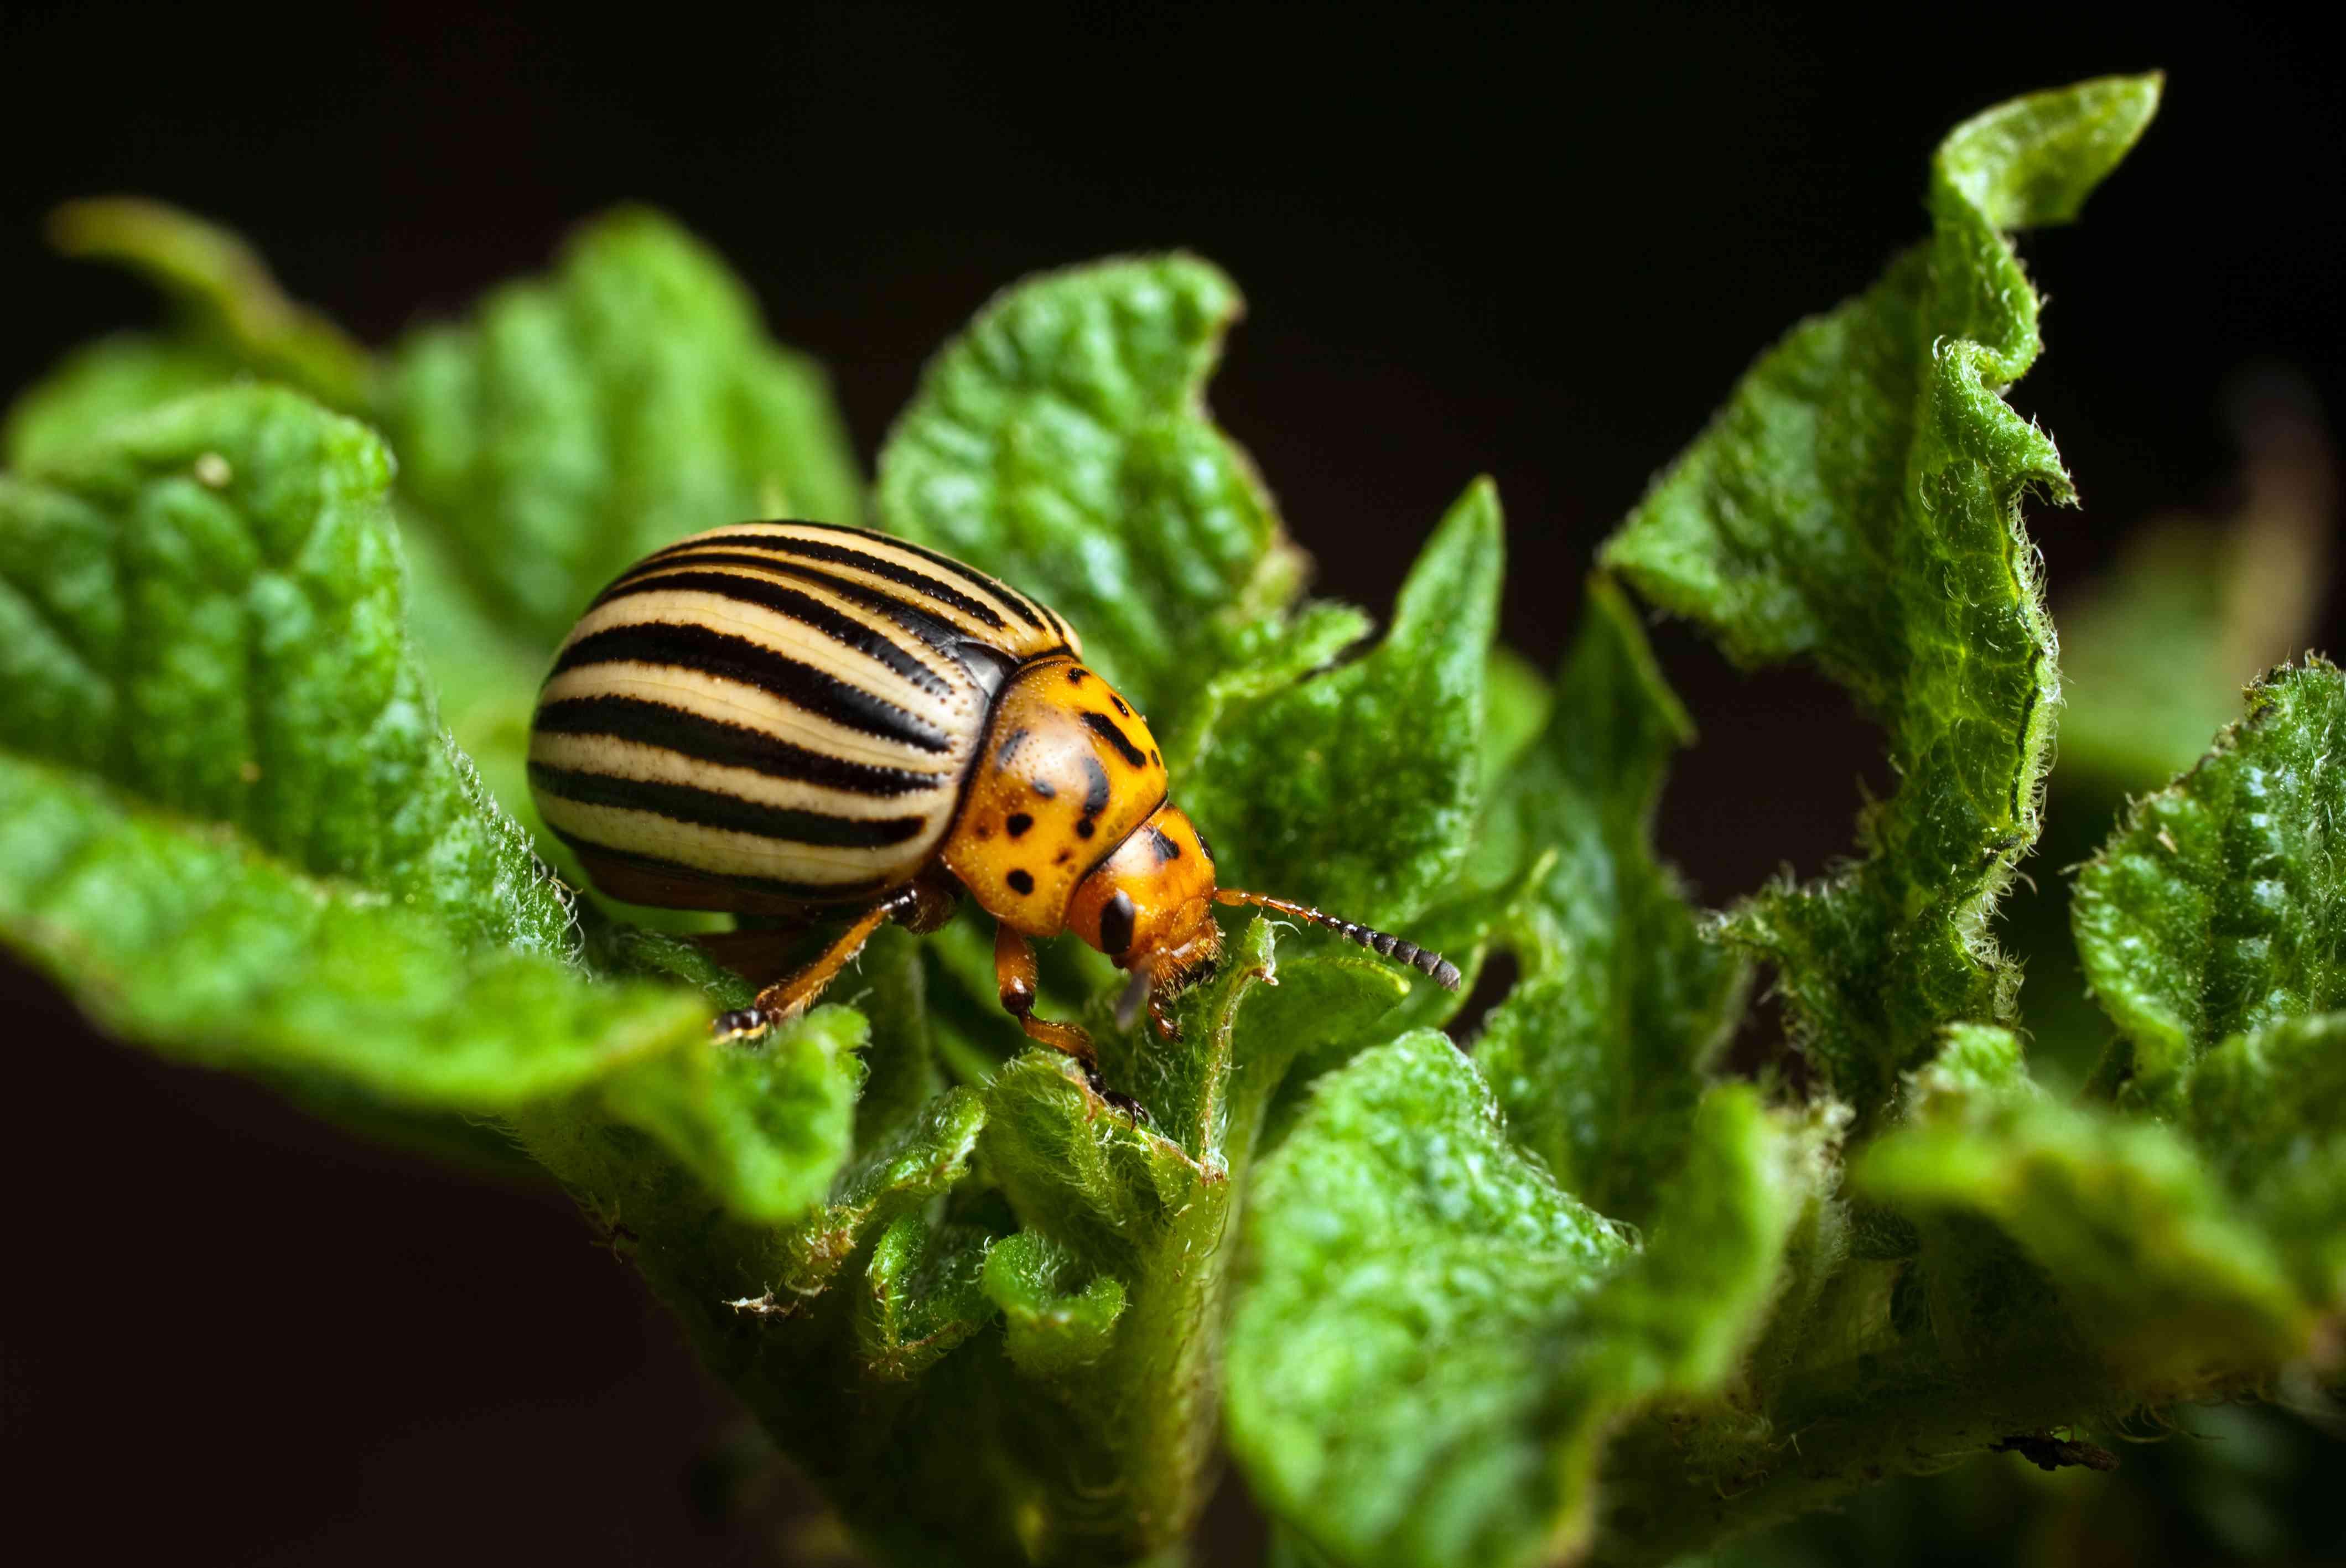 Colorado potato beetle eating potato leaves